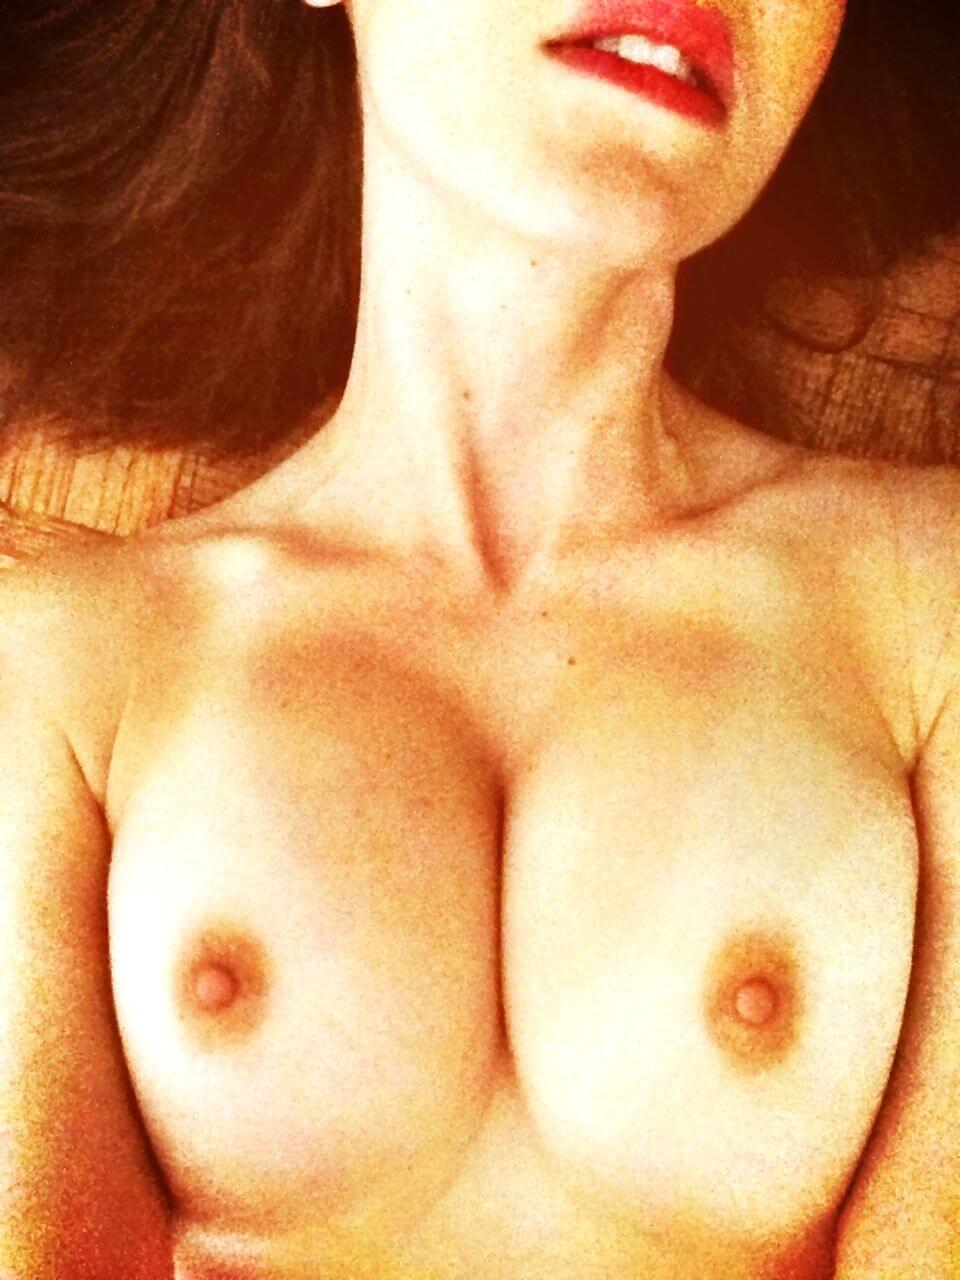 Alison Brie Nua celebridades: alison brie - nua pelada e sem roupa